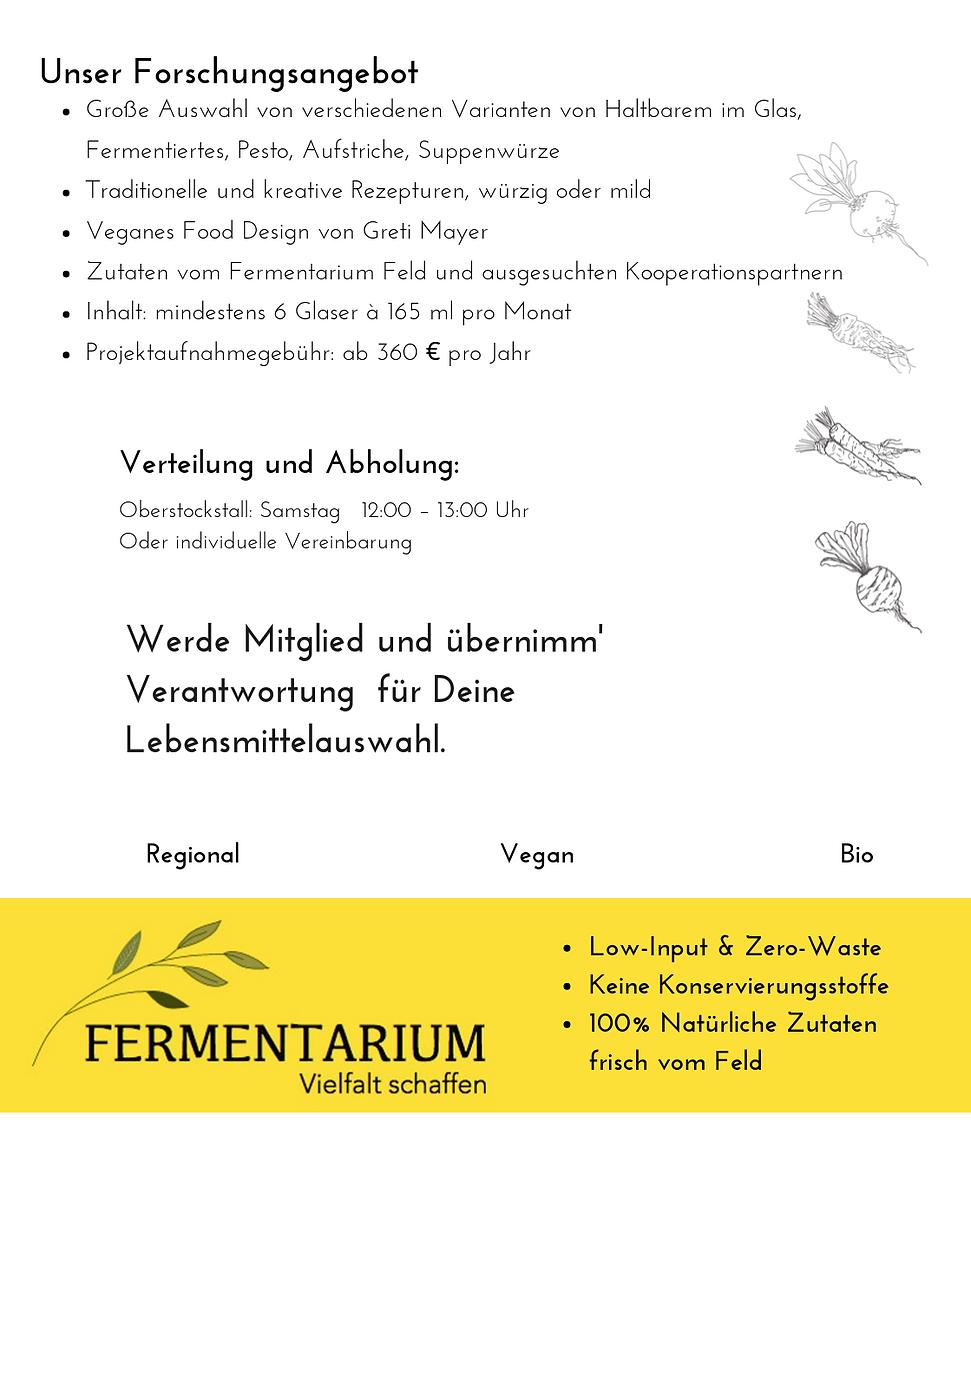 fermentiertes 2